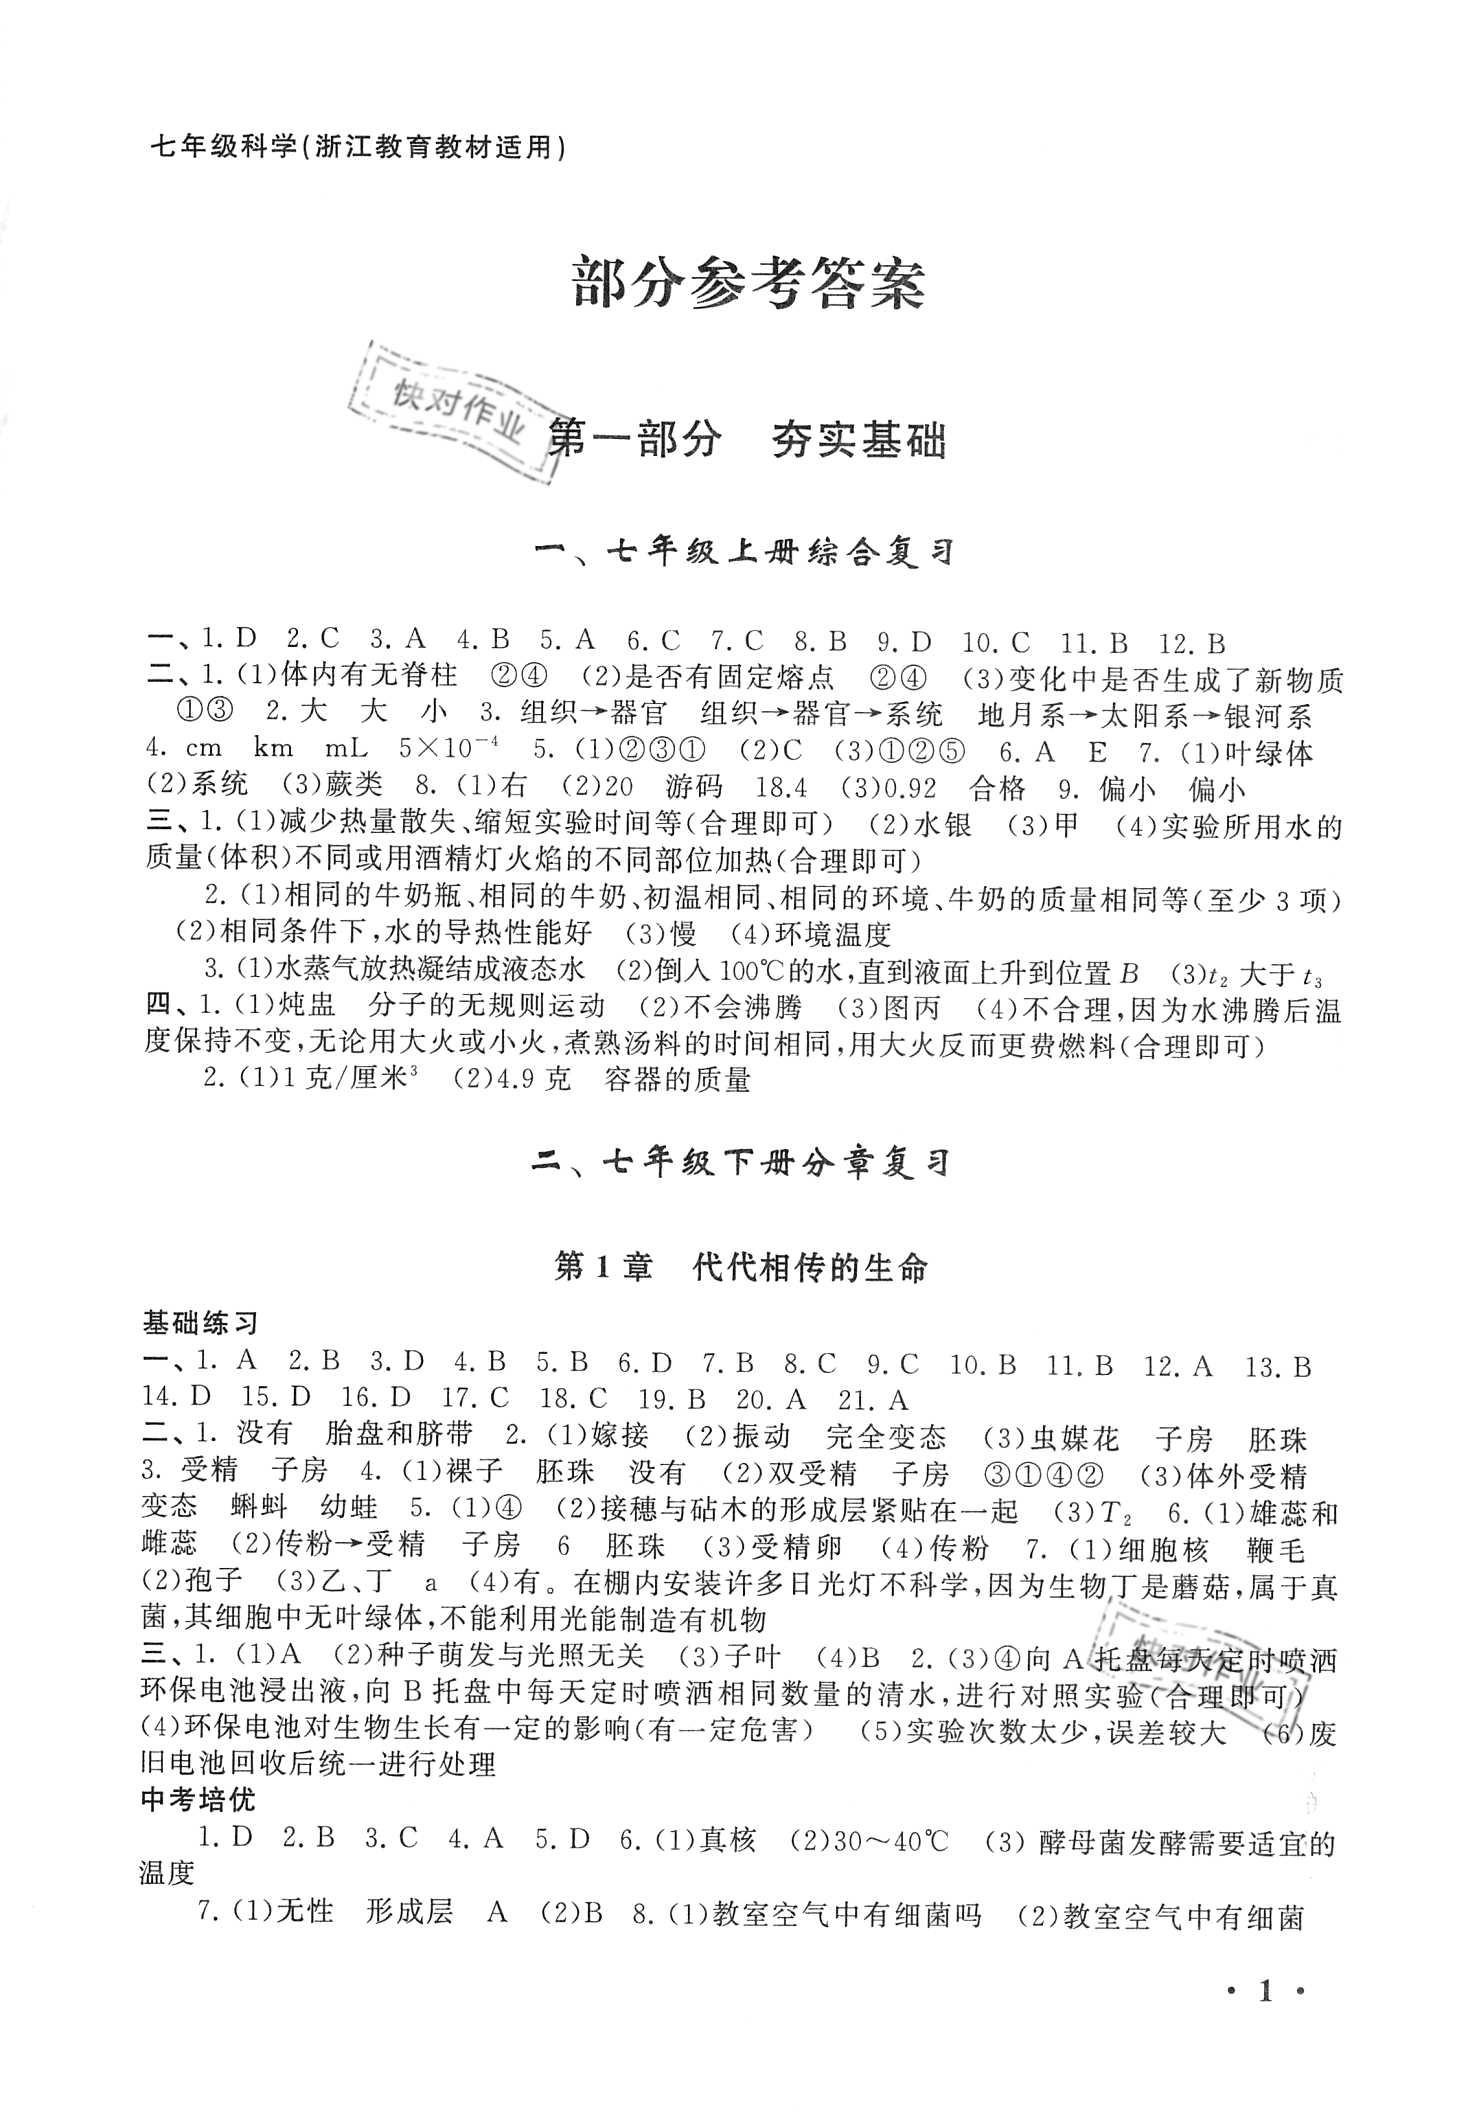 2020年暑假大串联七年级科学浙教版安徽科技出版社安徽人民出版社